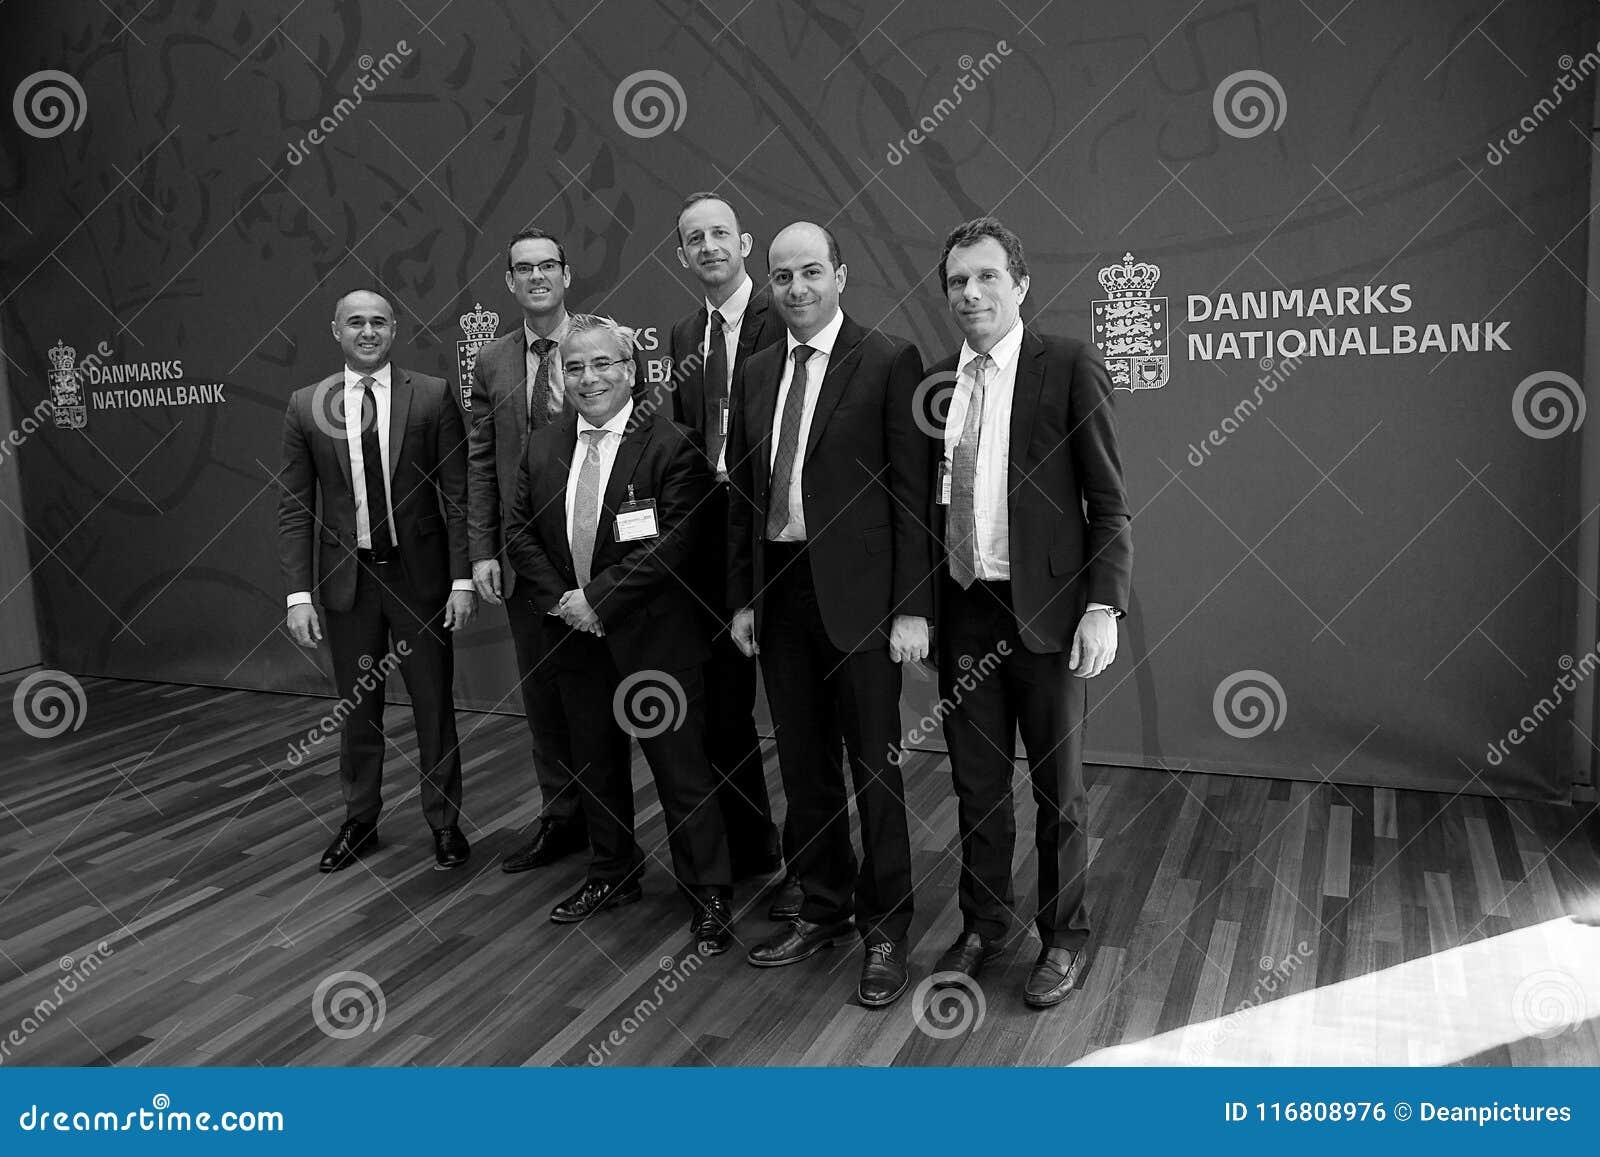 MIGUEL A IL GRUPPO DI SEGOVIANO_IMF VISITA LA DANIMARCA